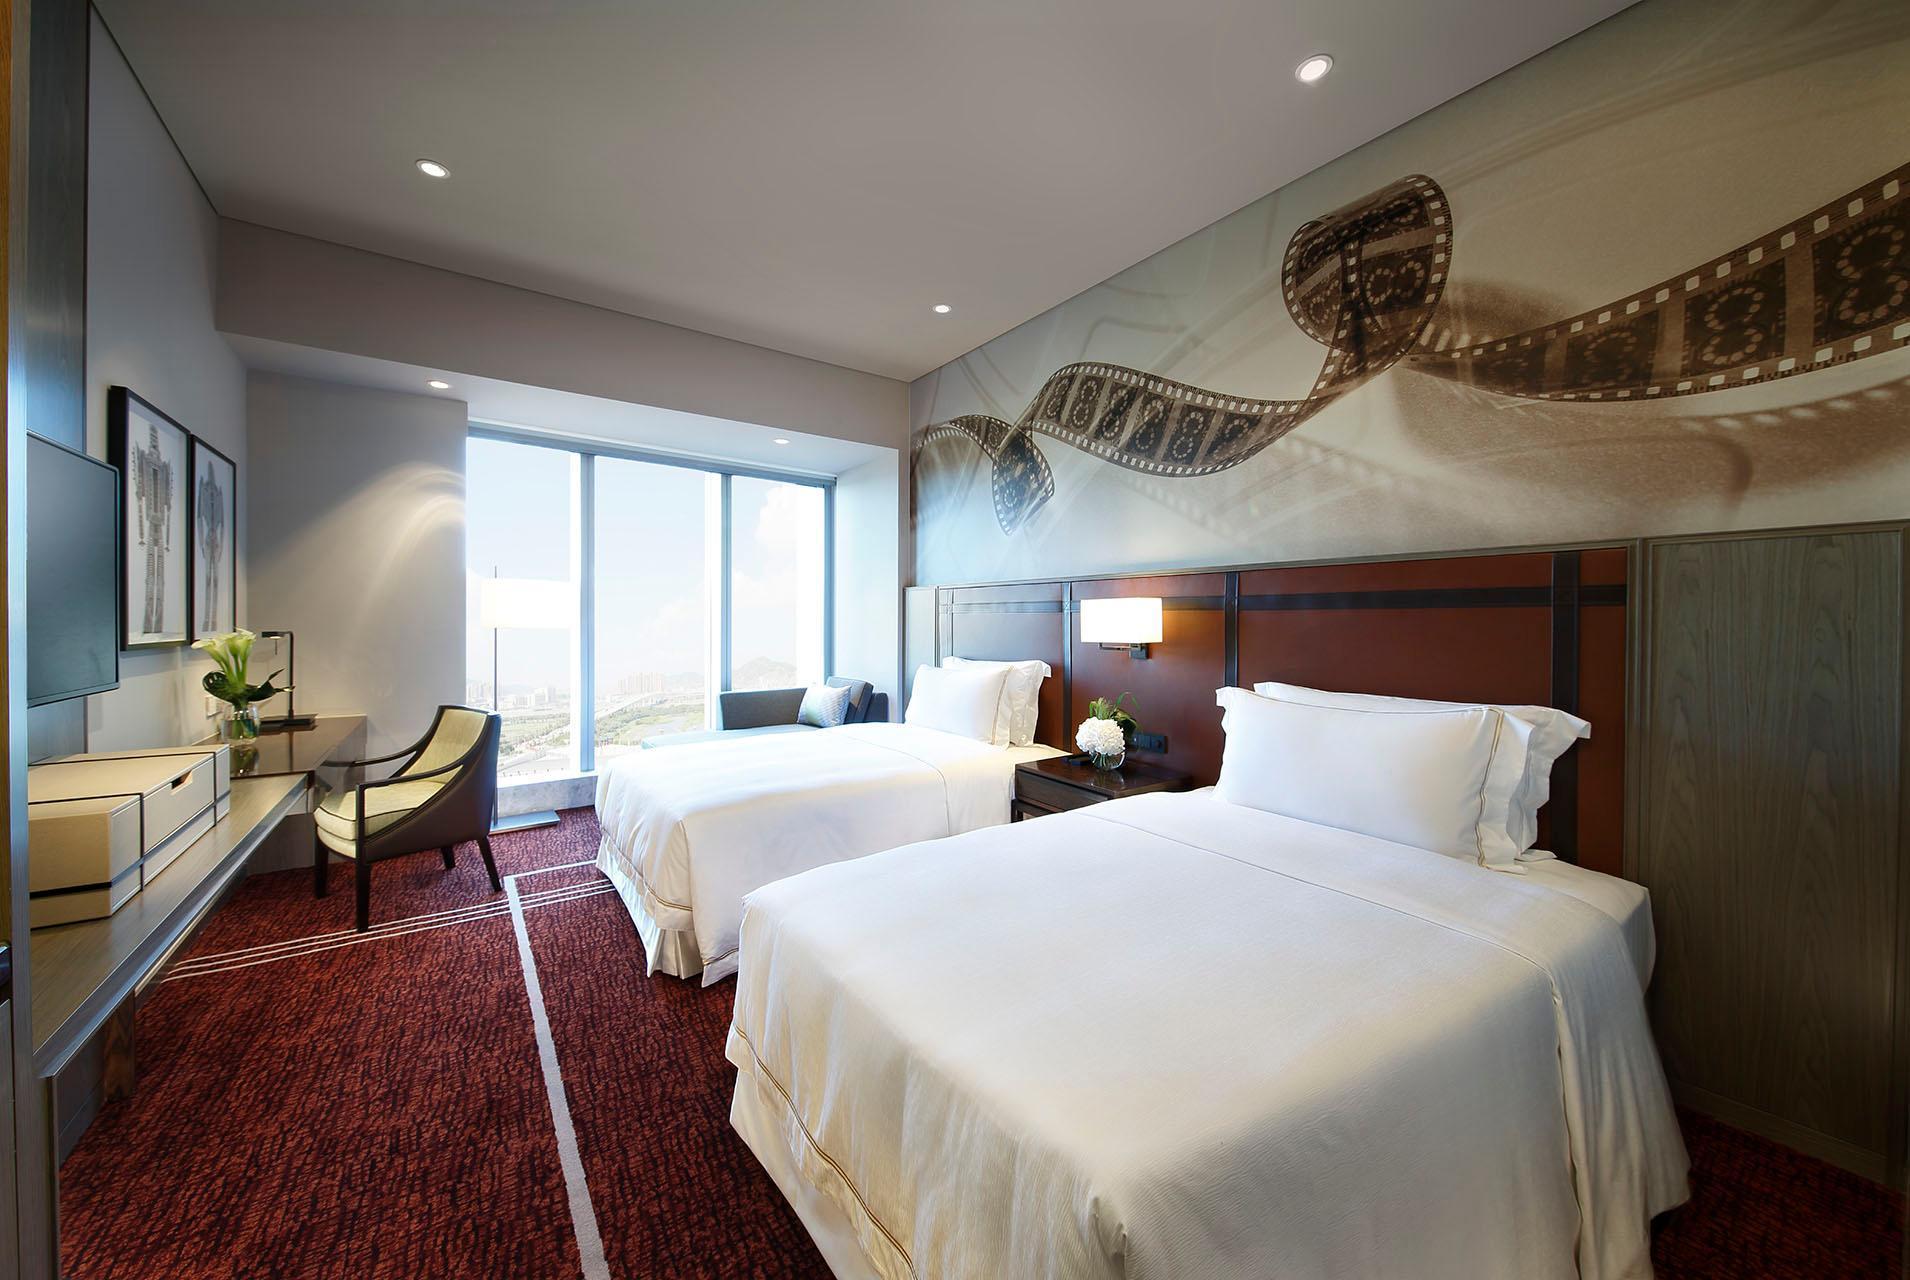 Studio City Hotel, Cotai